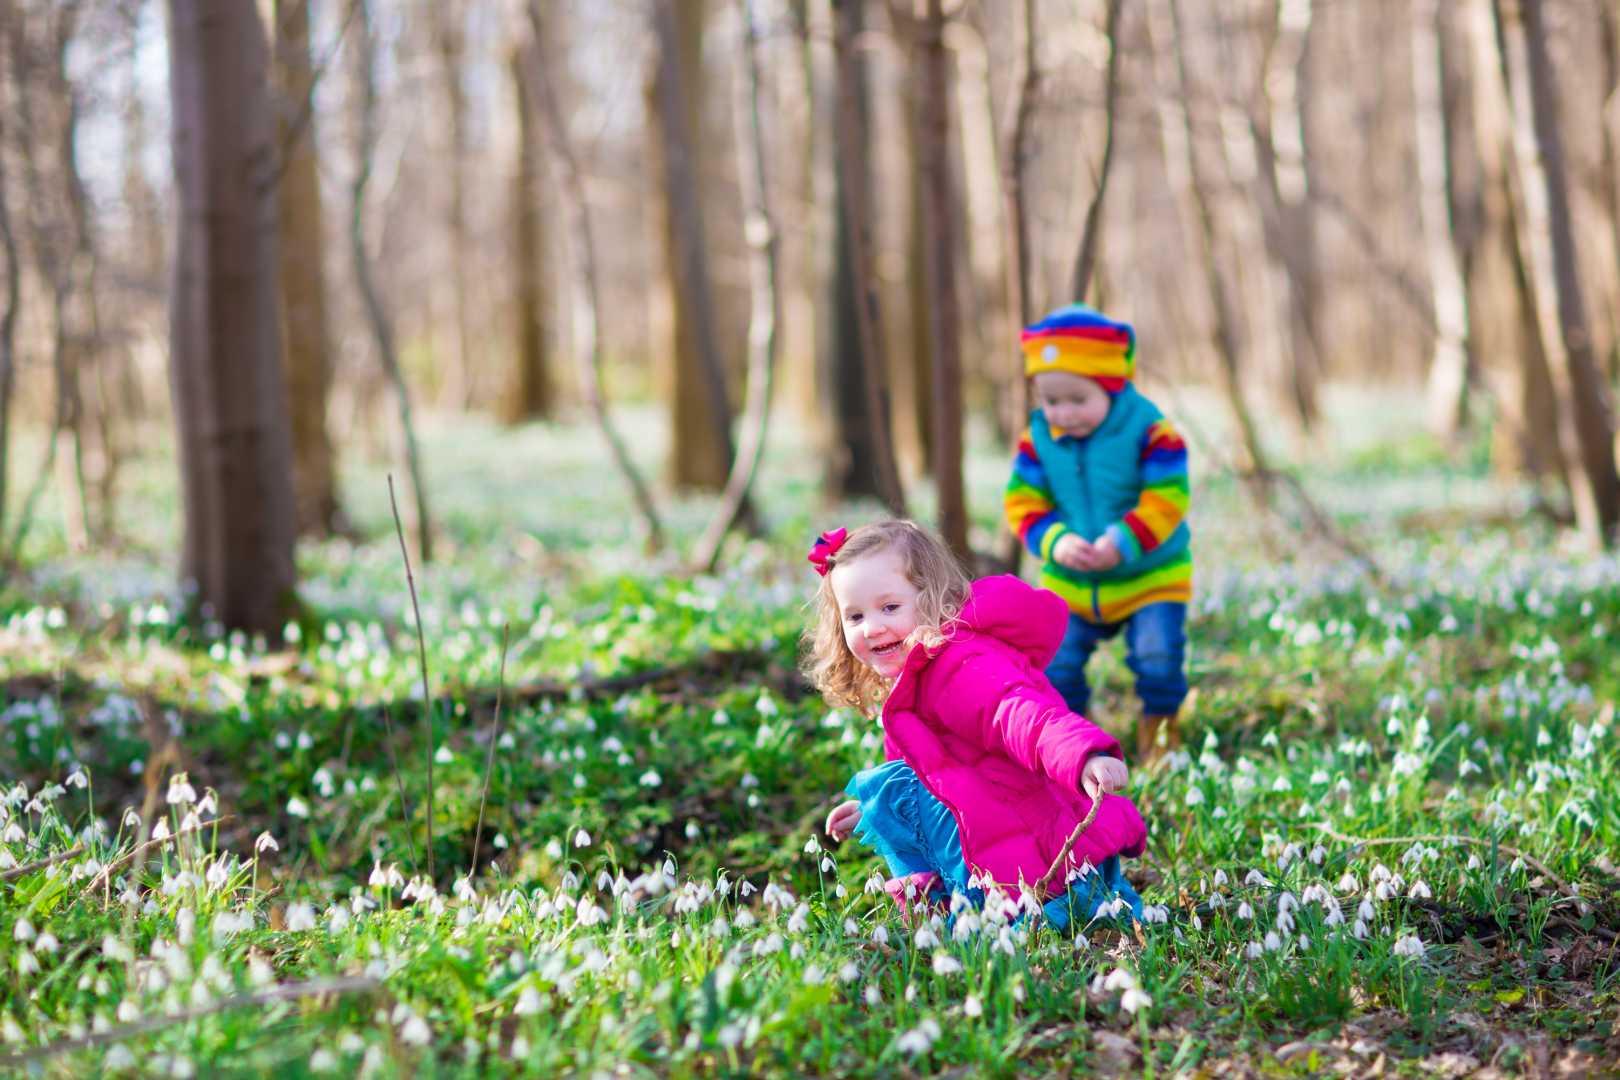 zwei Kinder spielen im Wald in Schneeglöckchen